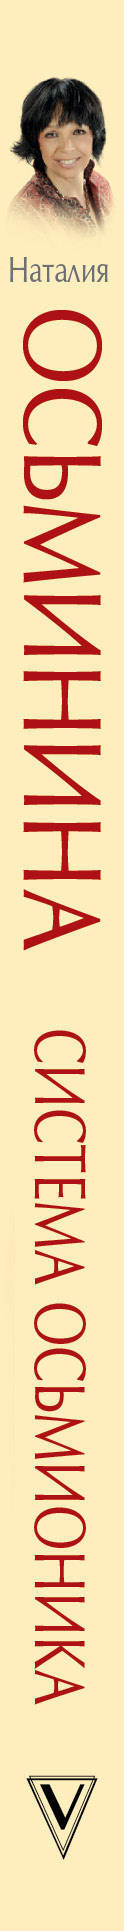 Осьминина Наталия Борисовна. (2017)Система Осьмионика: самомоделирование осанки. Коррекция верхней половины тела | Осьминина Наталия Борисовна